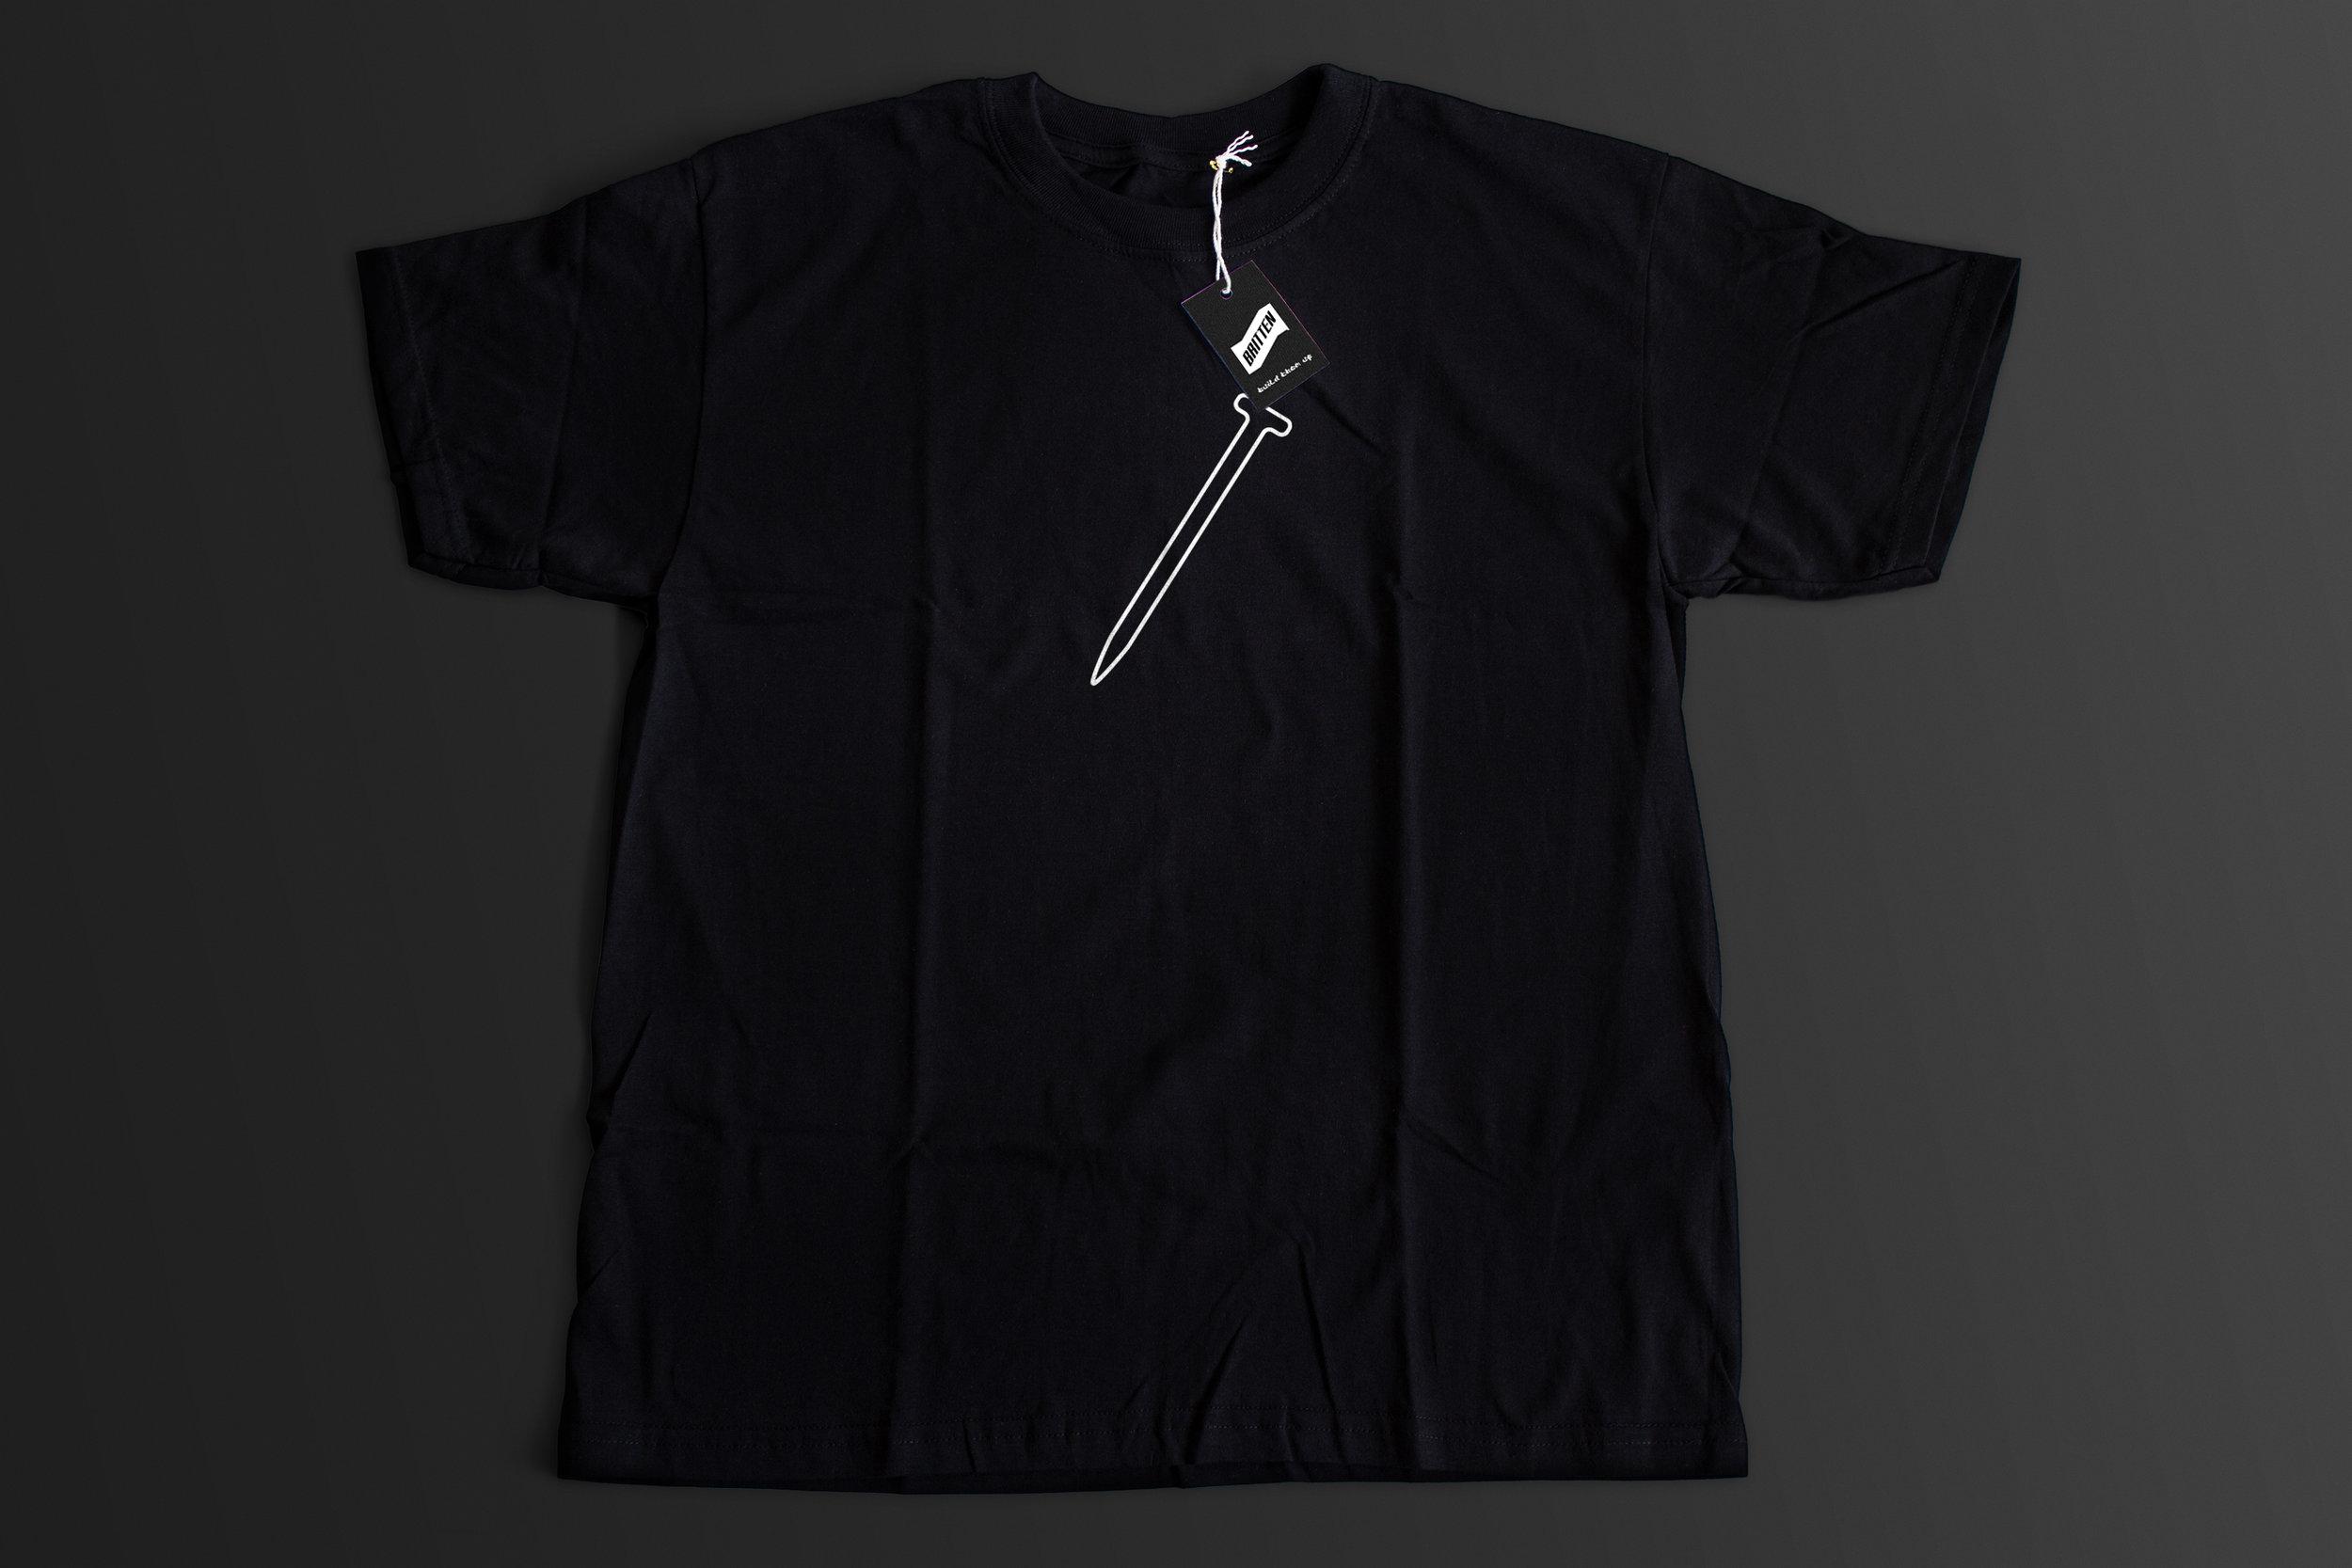 3D_britten_black-shirt_3_3000w.jpg